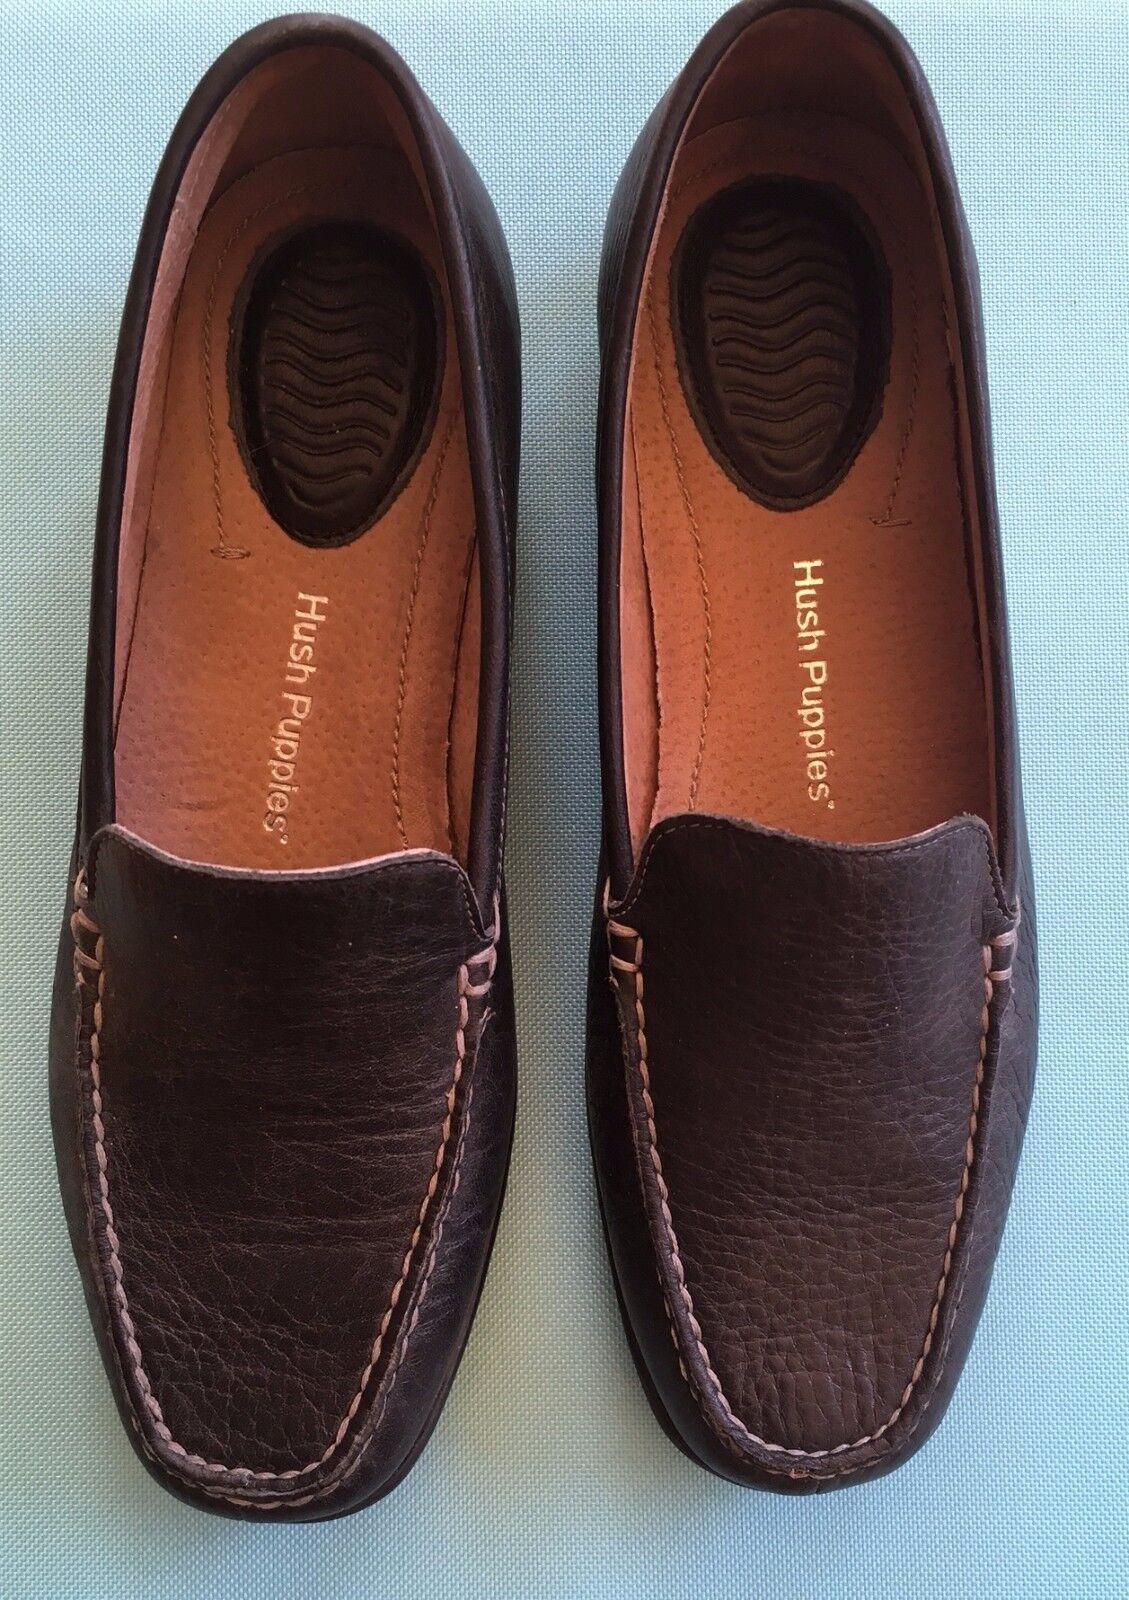 MUST-HAVE DAMEN  Zapatos  STYLISCH 143333 BALLERINAS HELLBRAUN 37 STYLISCH  f8dedb